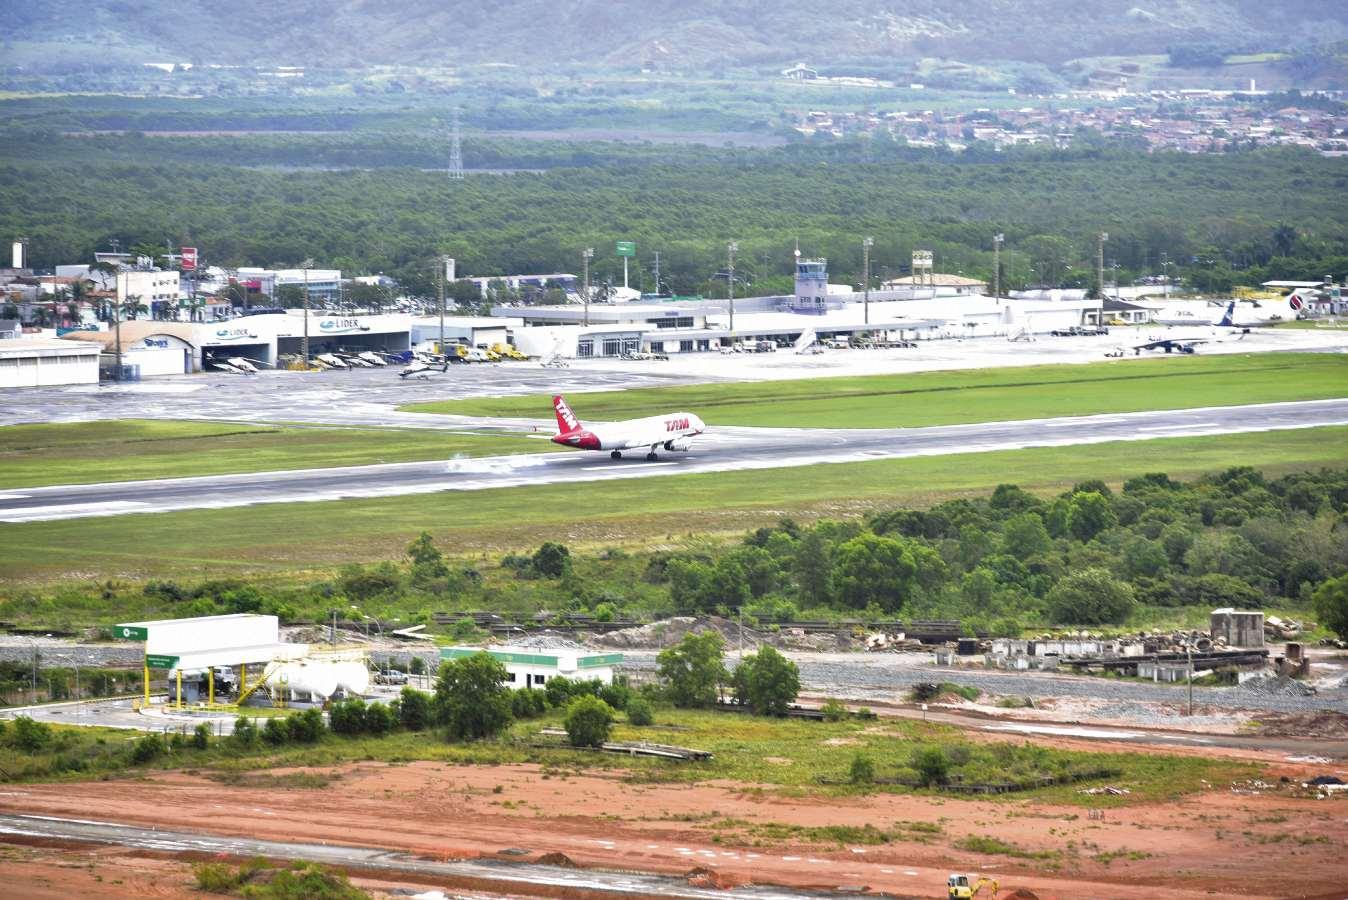 Aeroporto Vix : Atraso nas obras do aeroporto de vitória trazem prejuízos ao